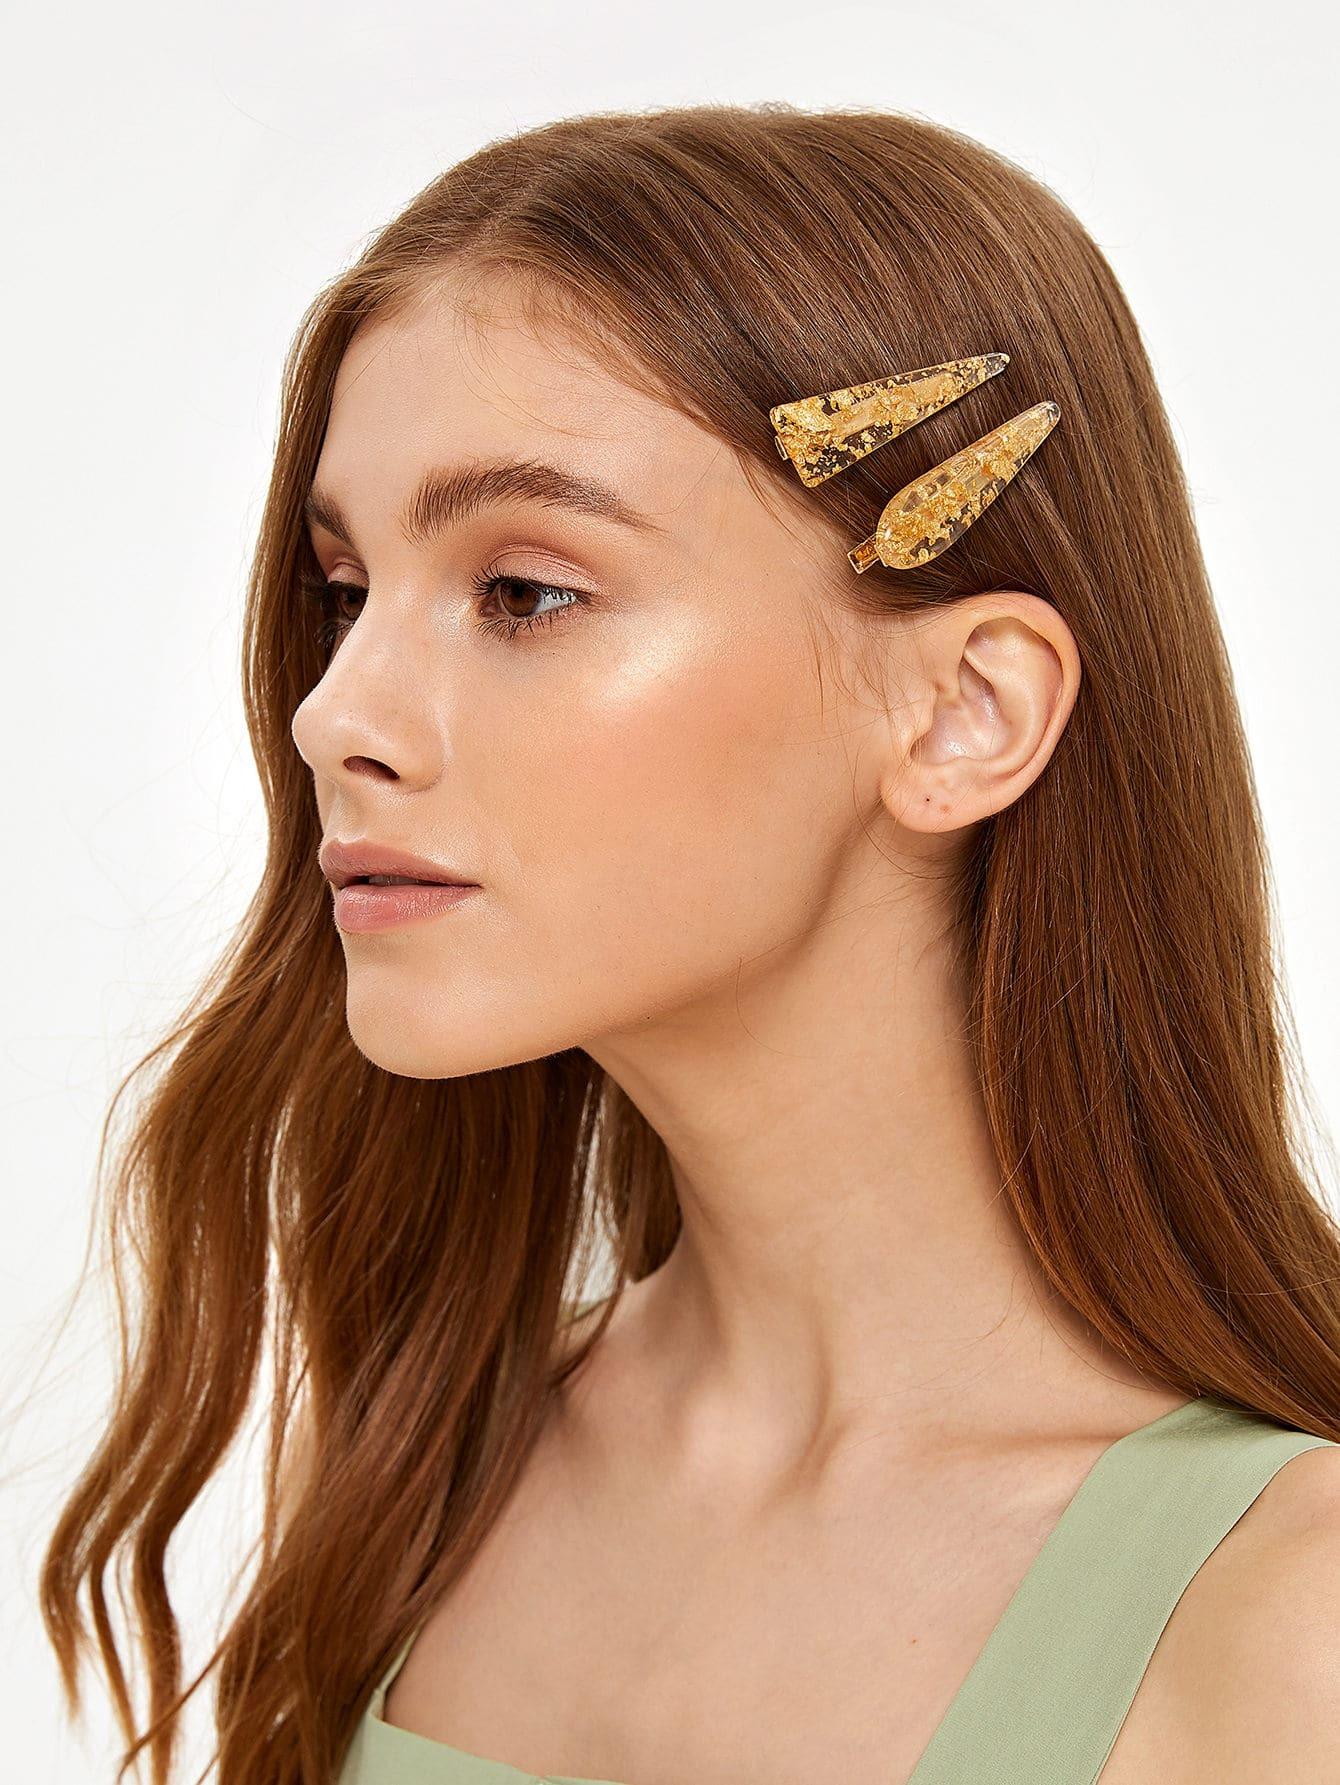 Фото - Зажим для волос с золотой фольгой 2шт. от SheIn золотистого цвета